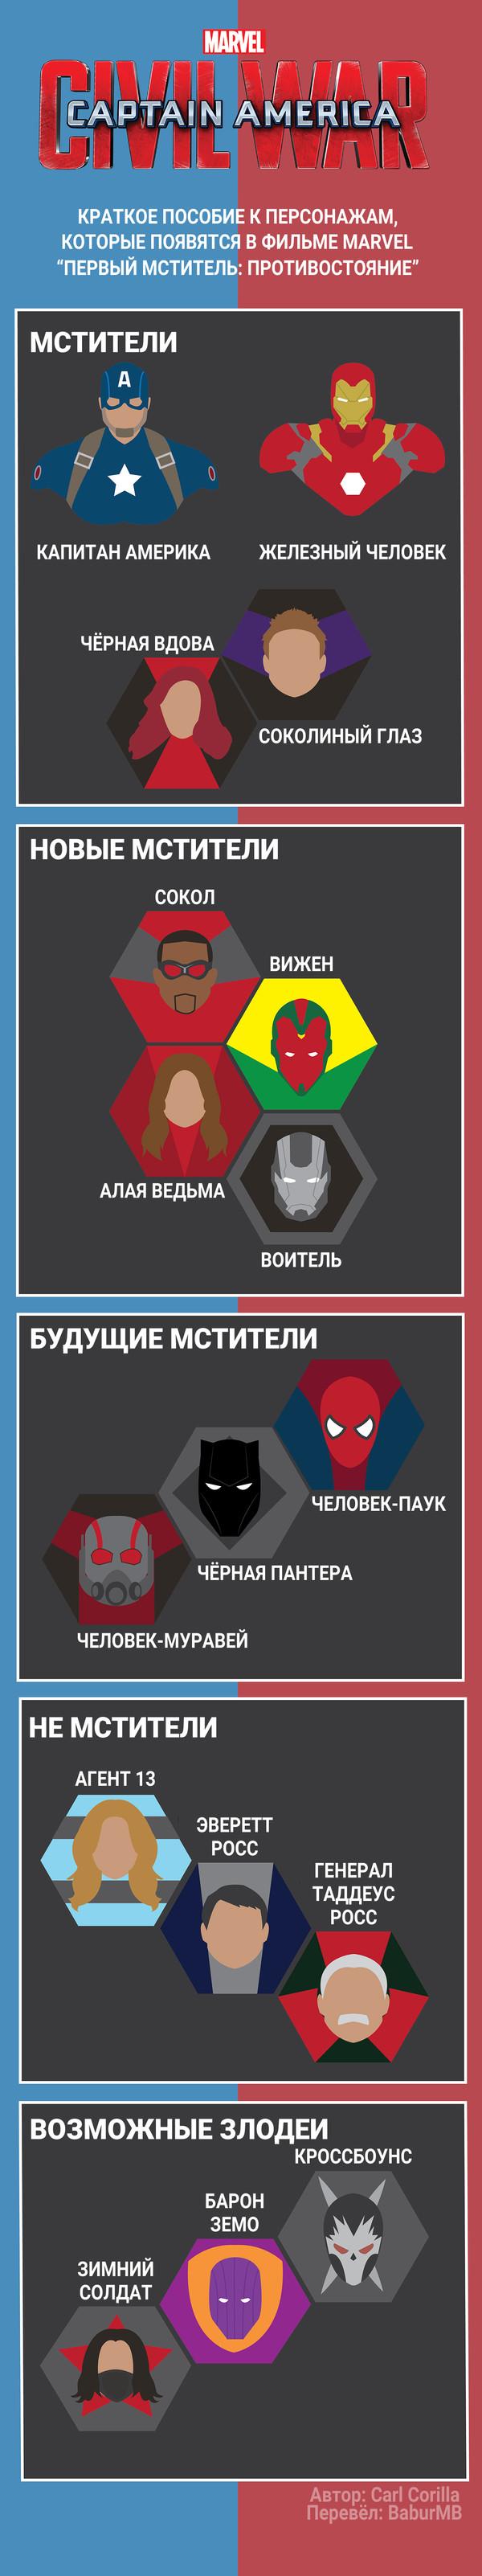 Памятка для зрителей Перевод, Marvel, Первый мститель, Комиксы, Киновселенная, Из сети, Длиннопост